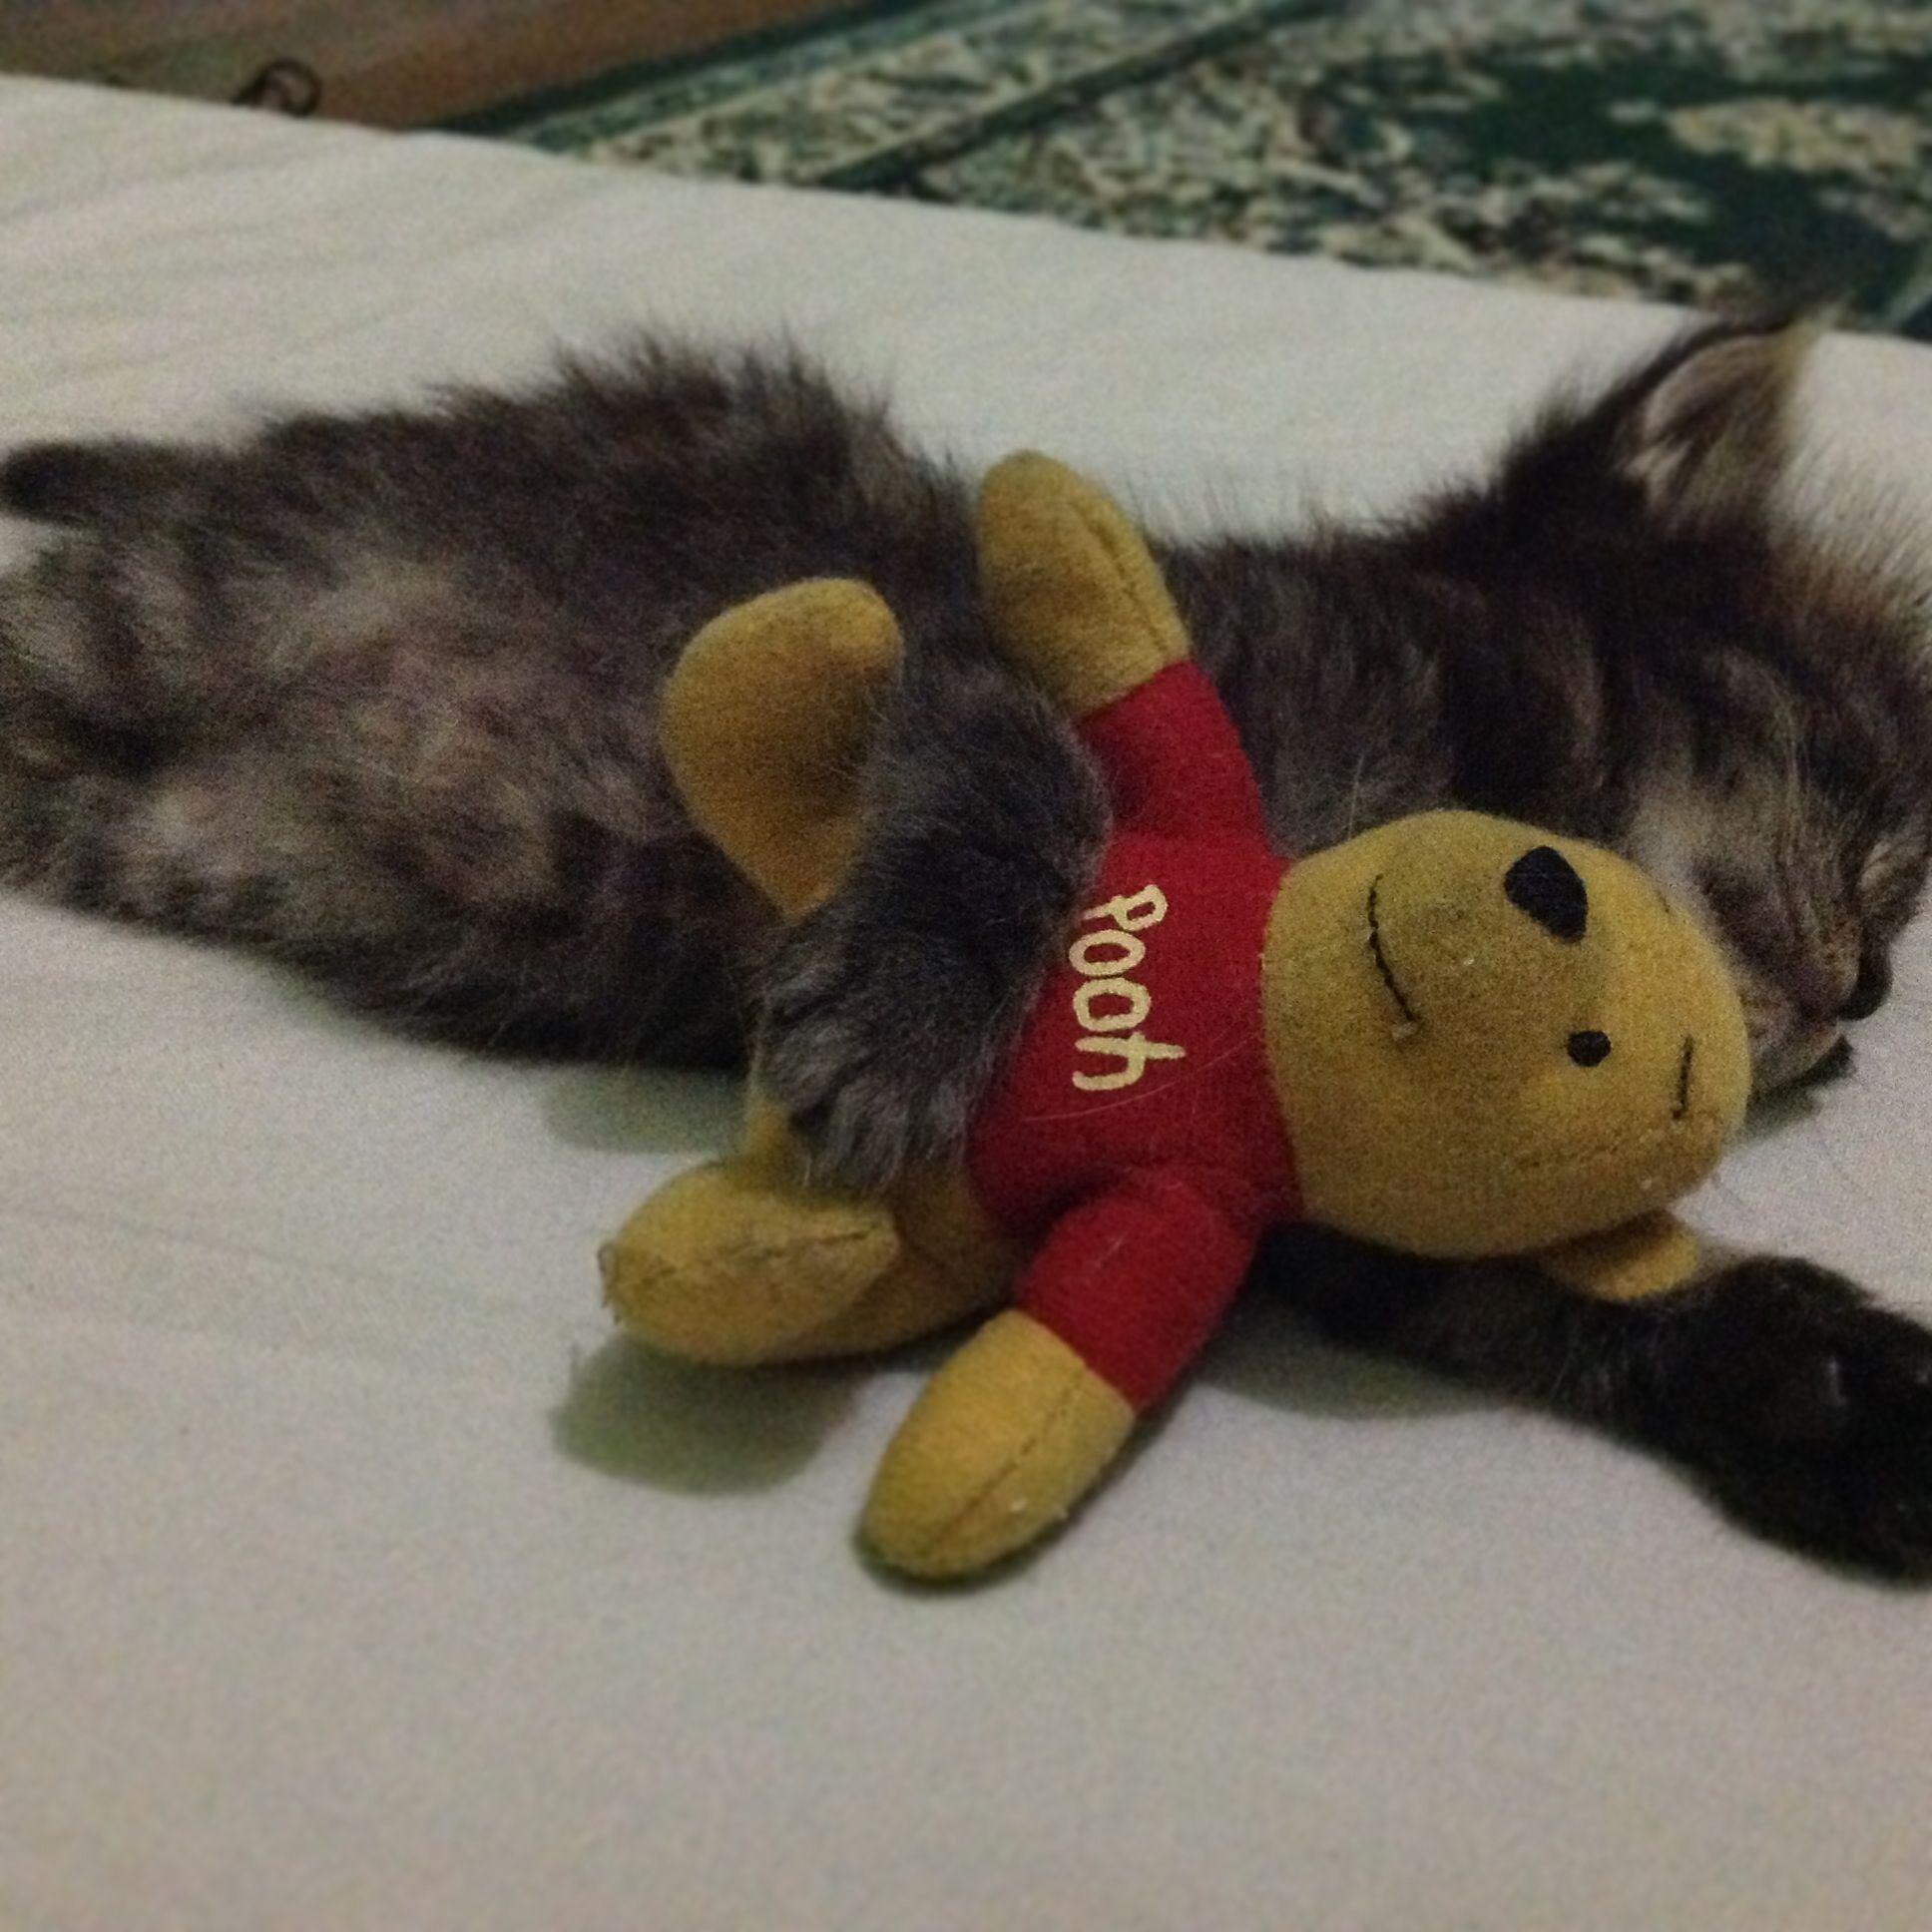 My bestfriend pooh